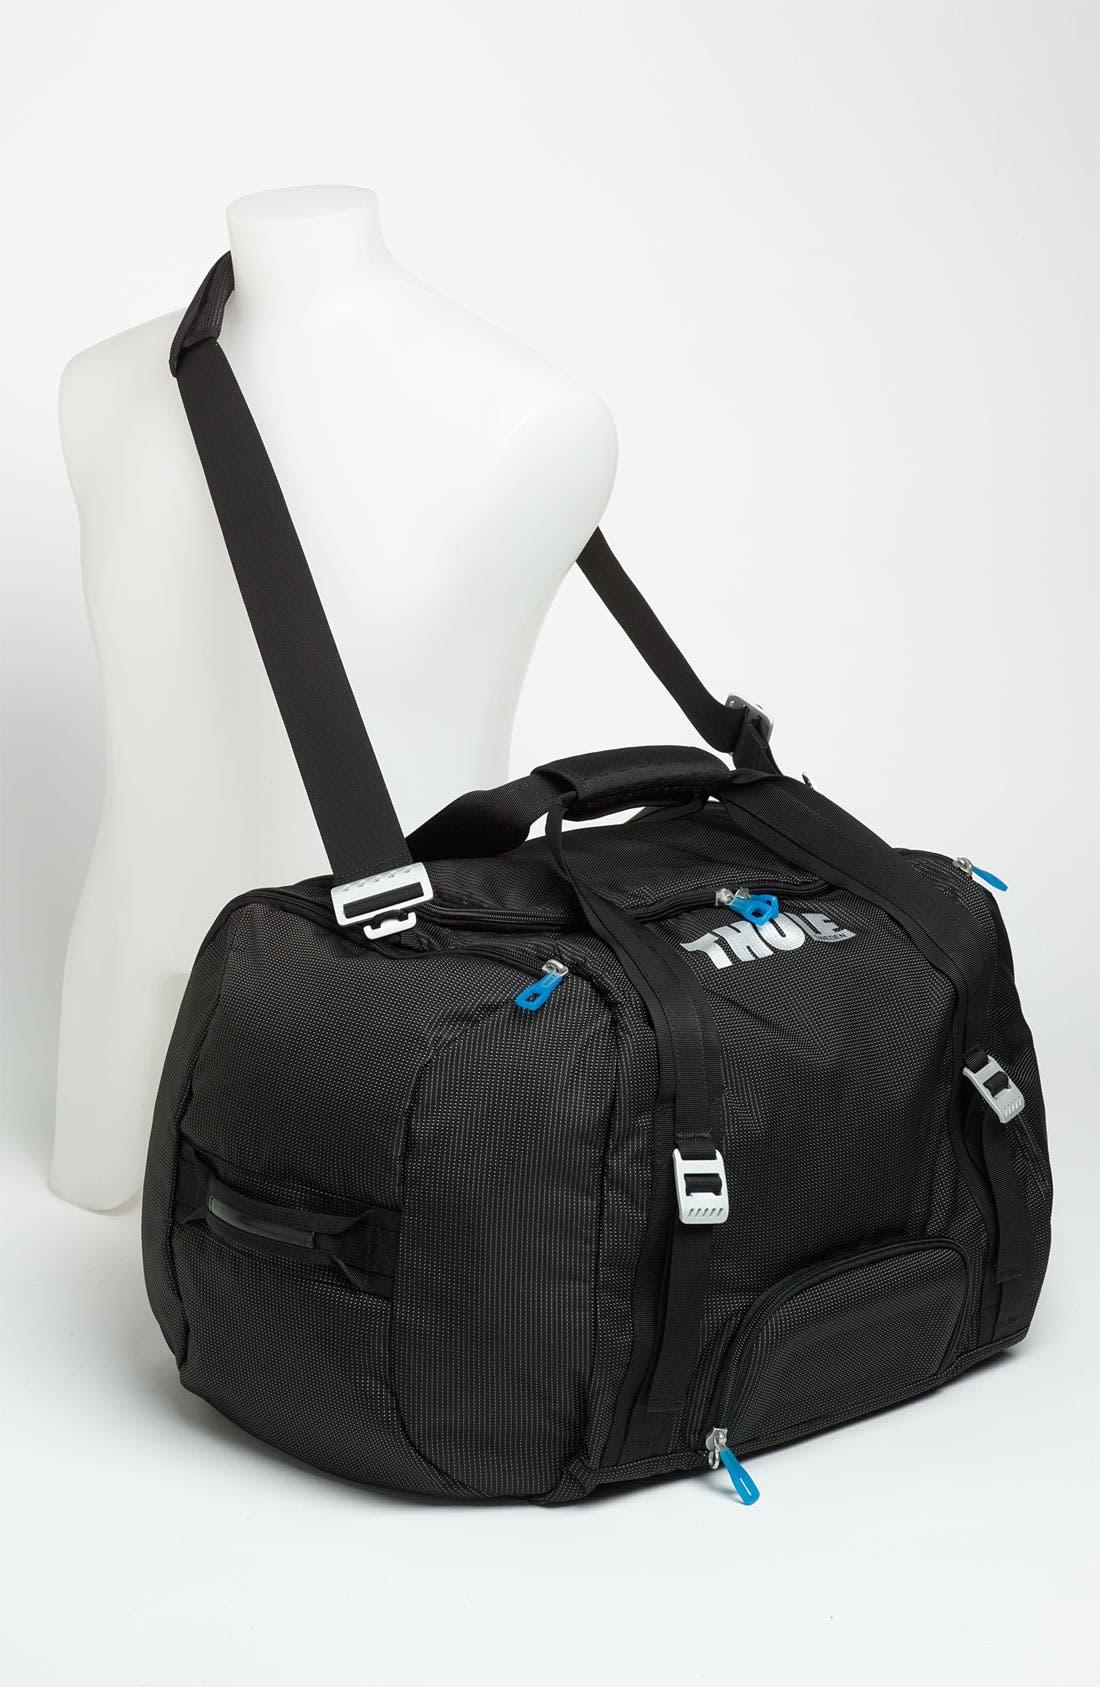 Alternate Image 2  - Thule Duffel Bag (70 Liter)